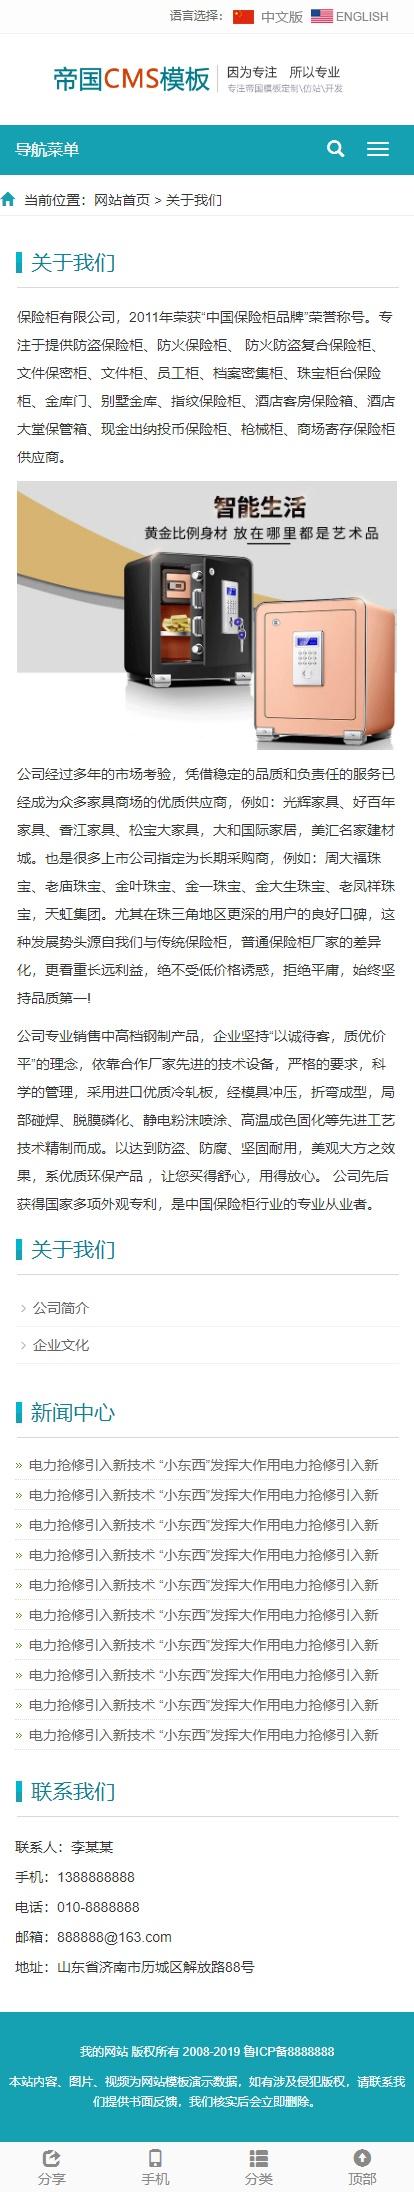 帝国cms模板之公司企业中英文双语版自适应响应式手机网站模板_手机版单页